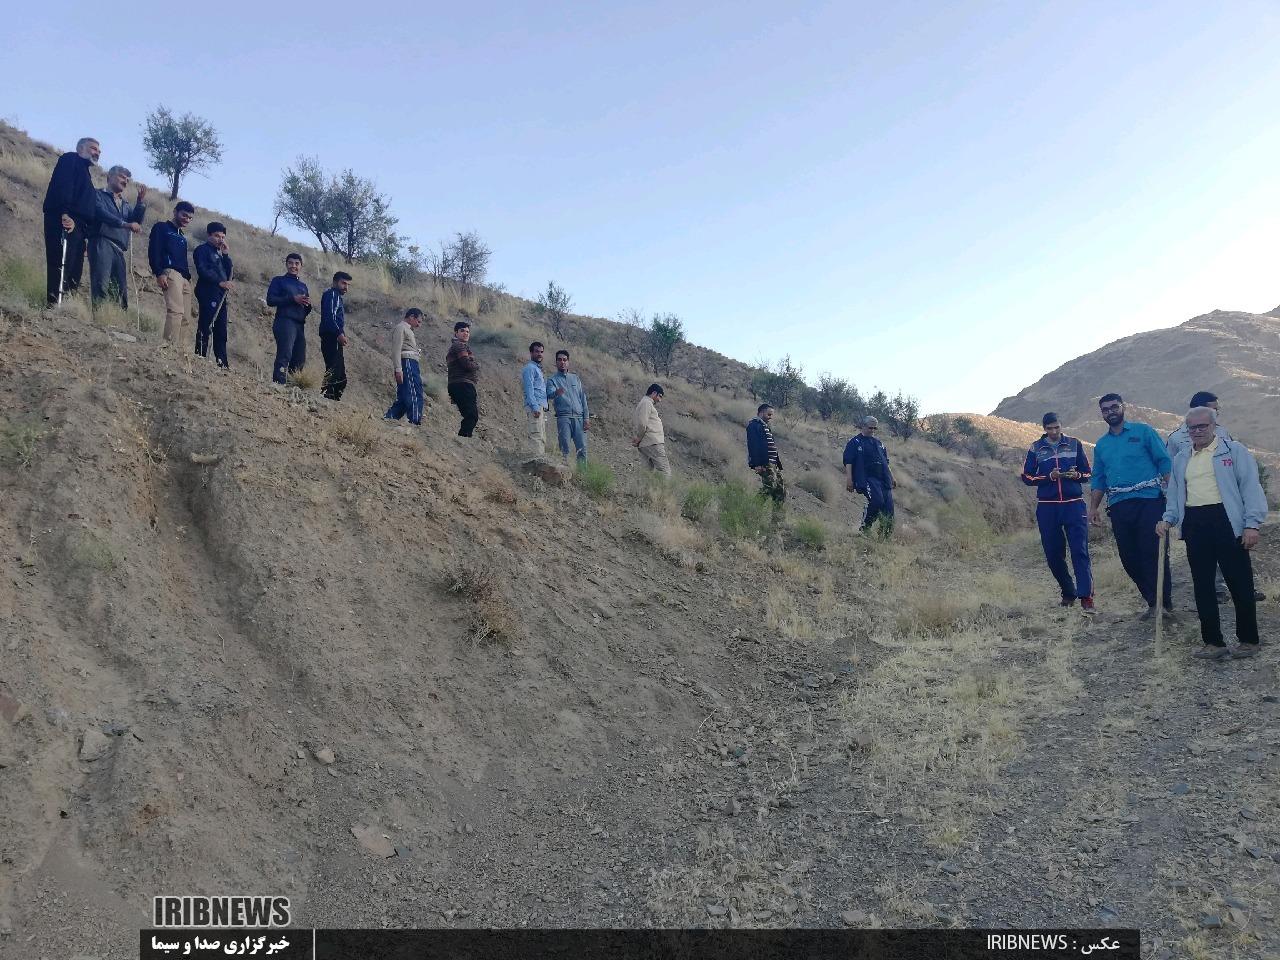 کوهنوردی جمعی از جوانان و اعضای ستاد نماز جمعه آیسک